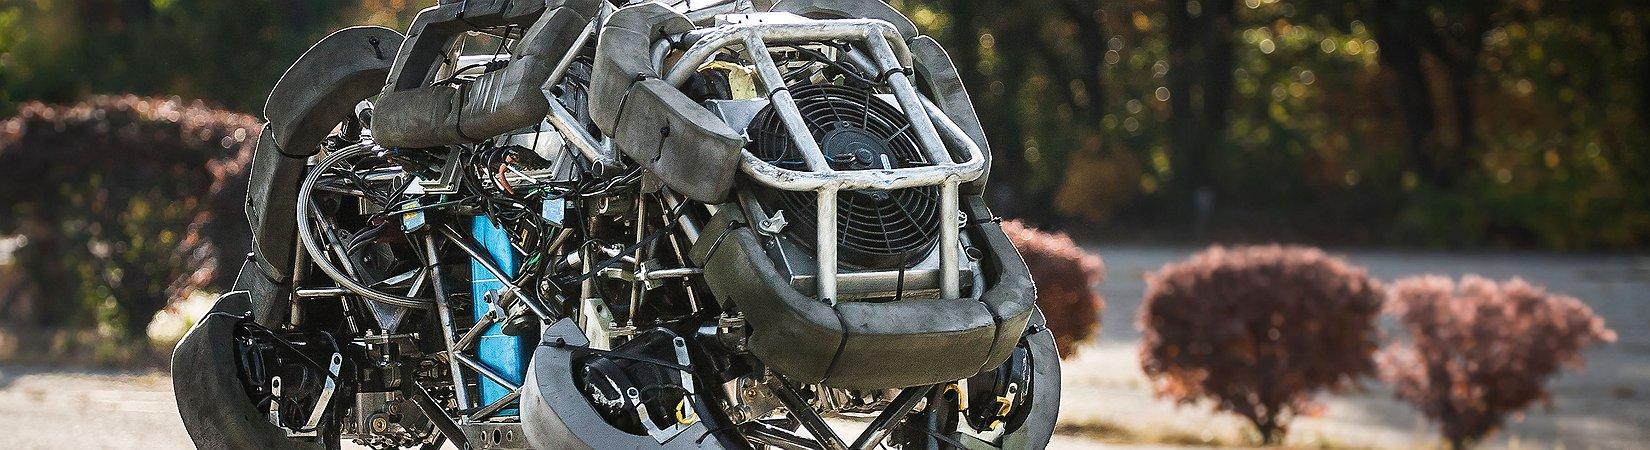 SoftBank купил производителя роботов Boston Dynamics